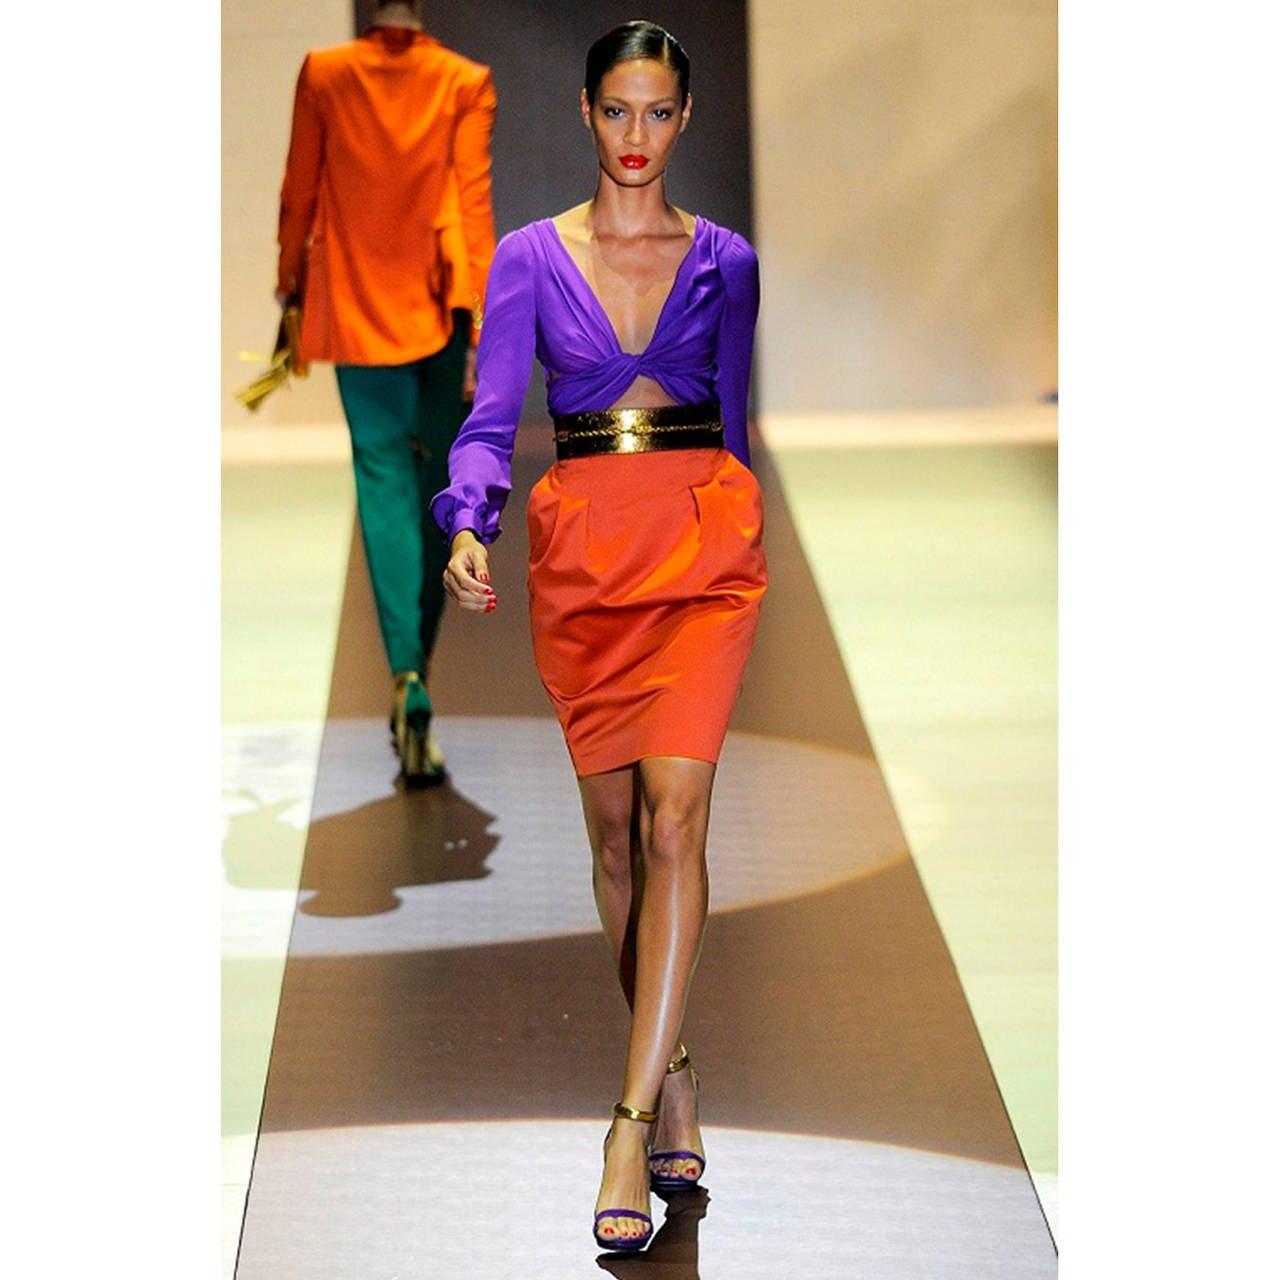 Gucci Orange Purple Colour Block Dress S/S 2011 In Excellent Condition For Sale In Berlin, DE